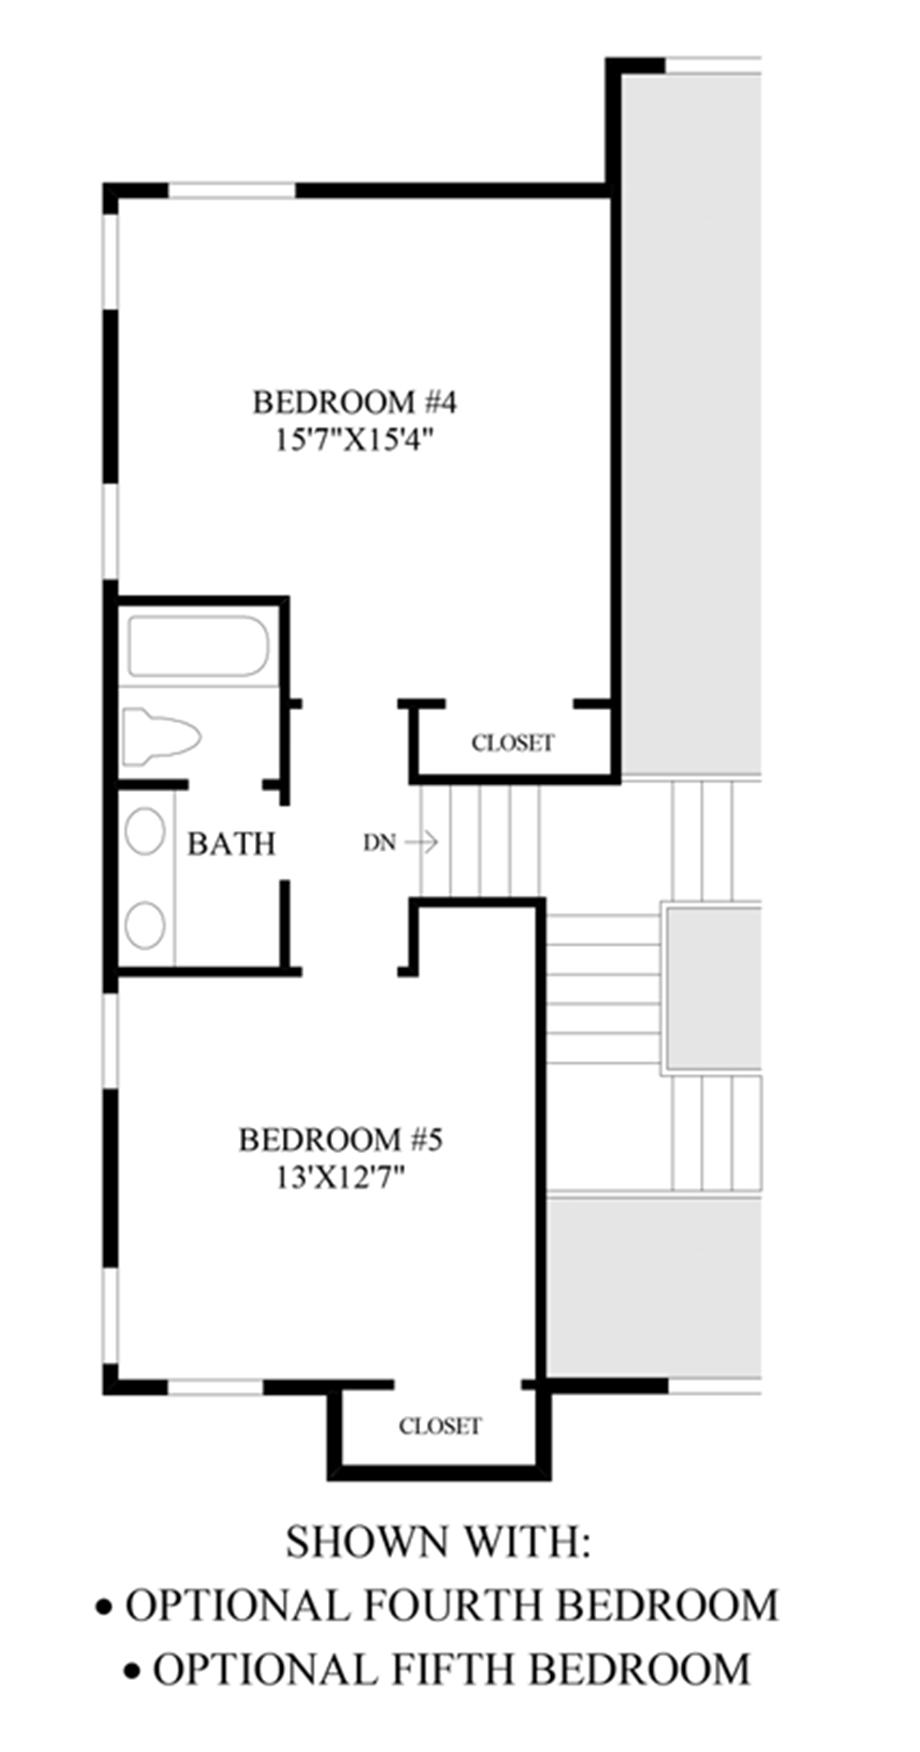 Optional Additional Bedrooms Floor Plan